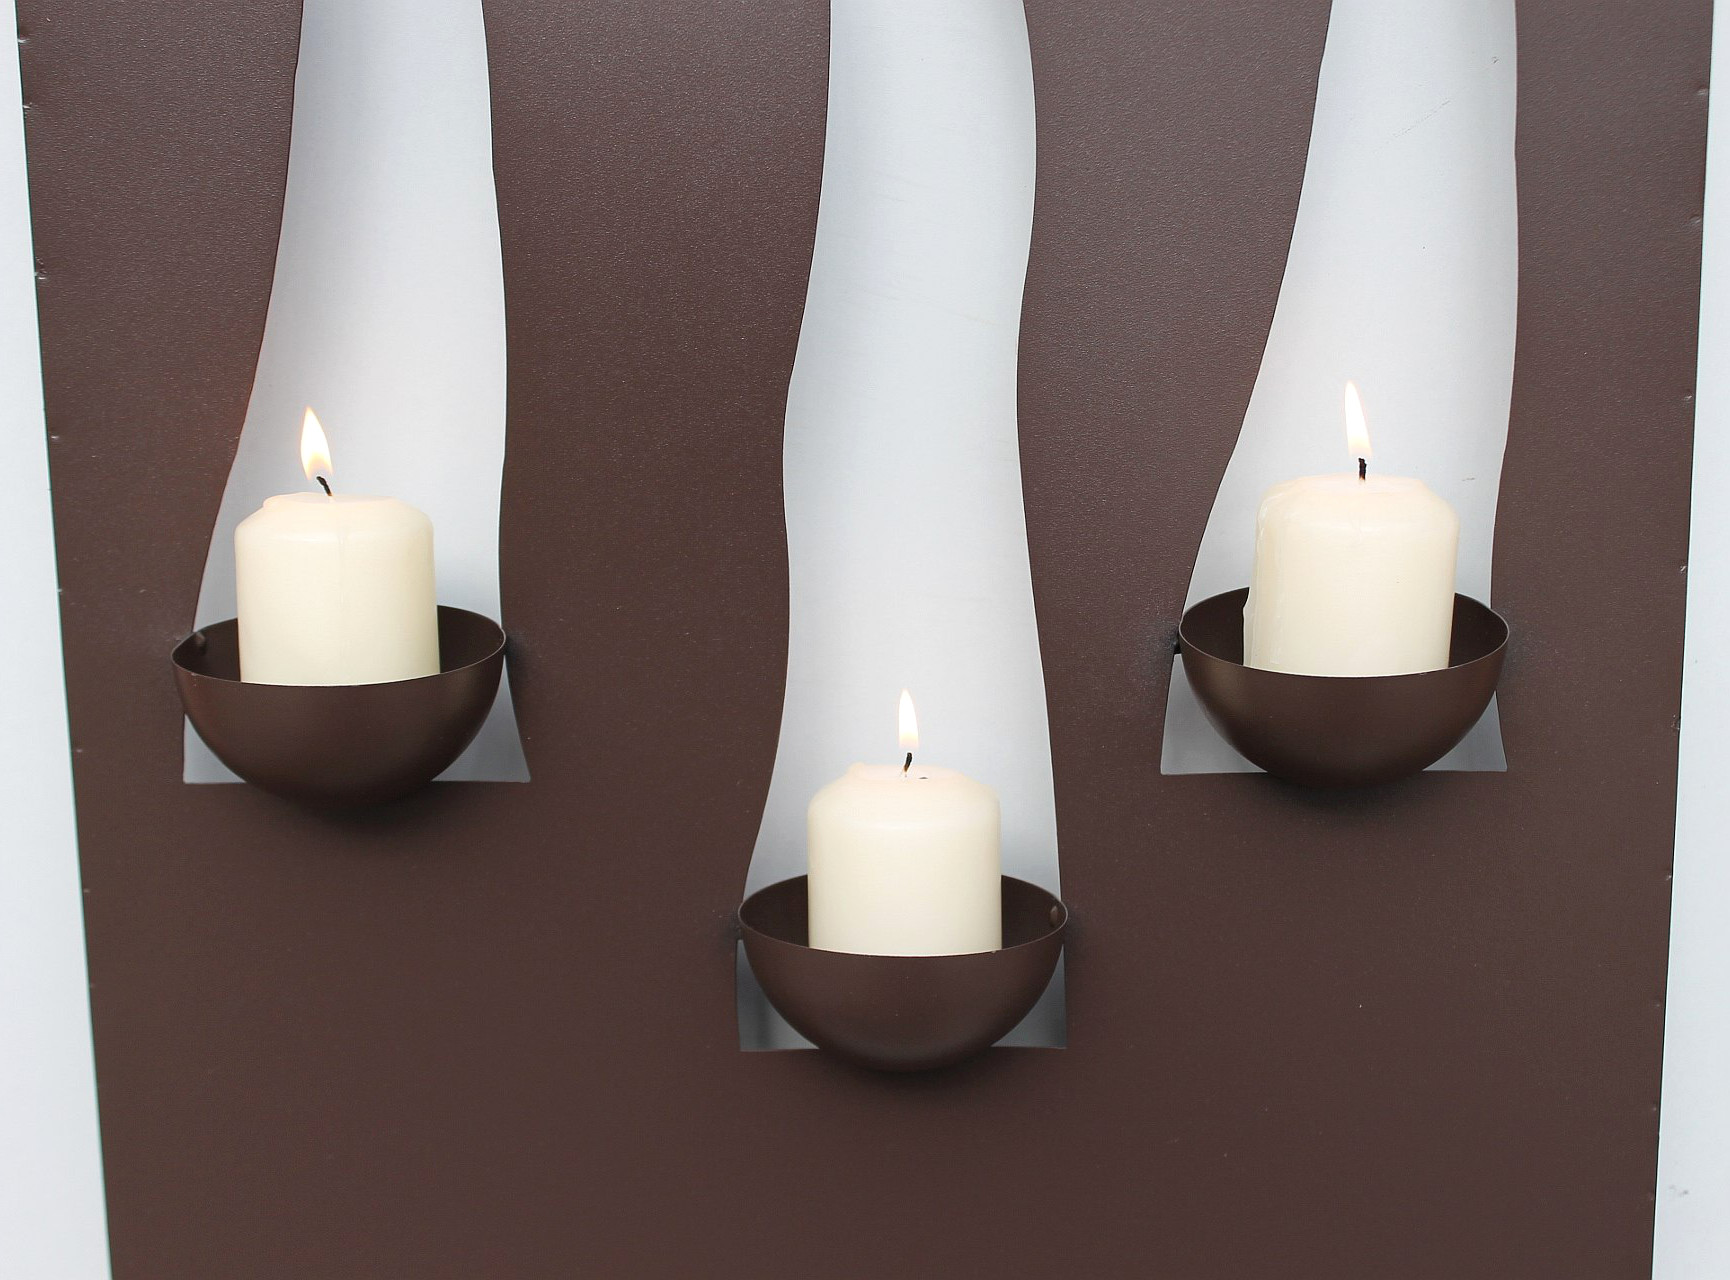 Appliques flamme 133 chandeliers supports muraux de bougie - Applique bougie murale ...